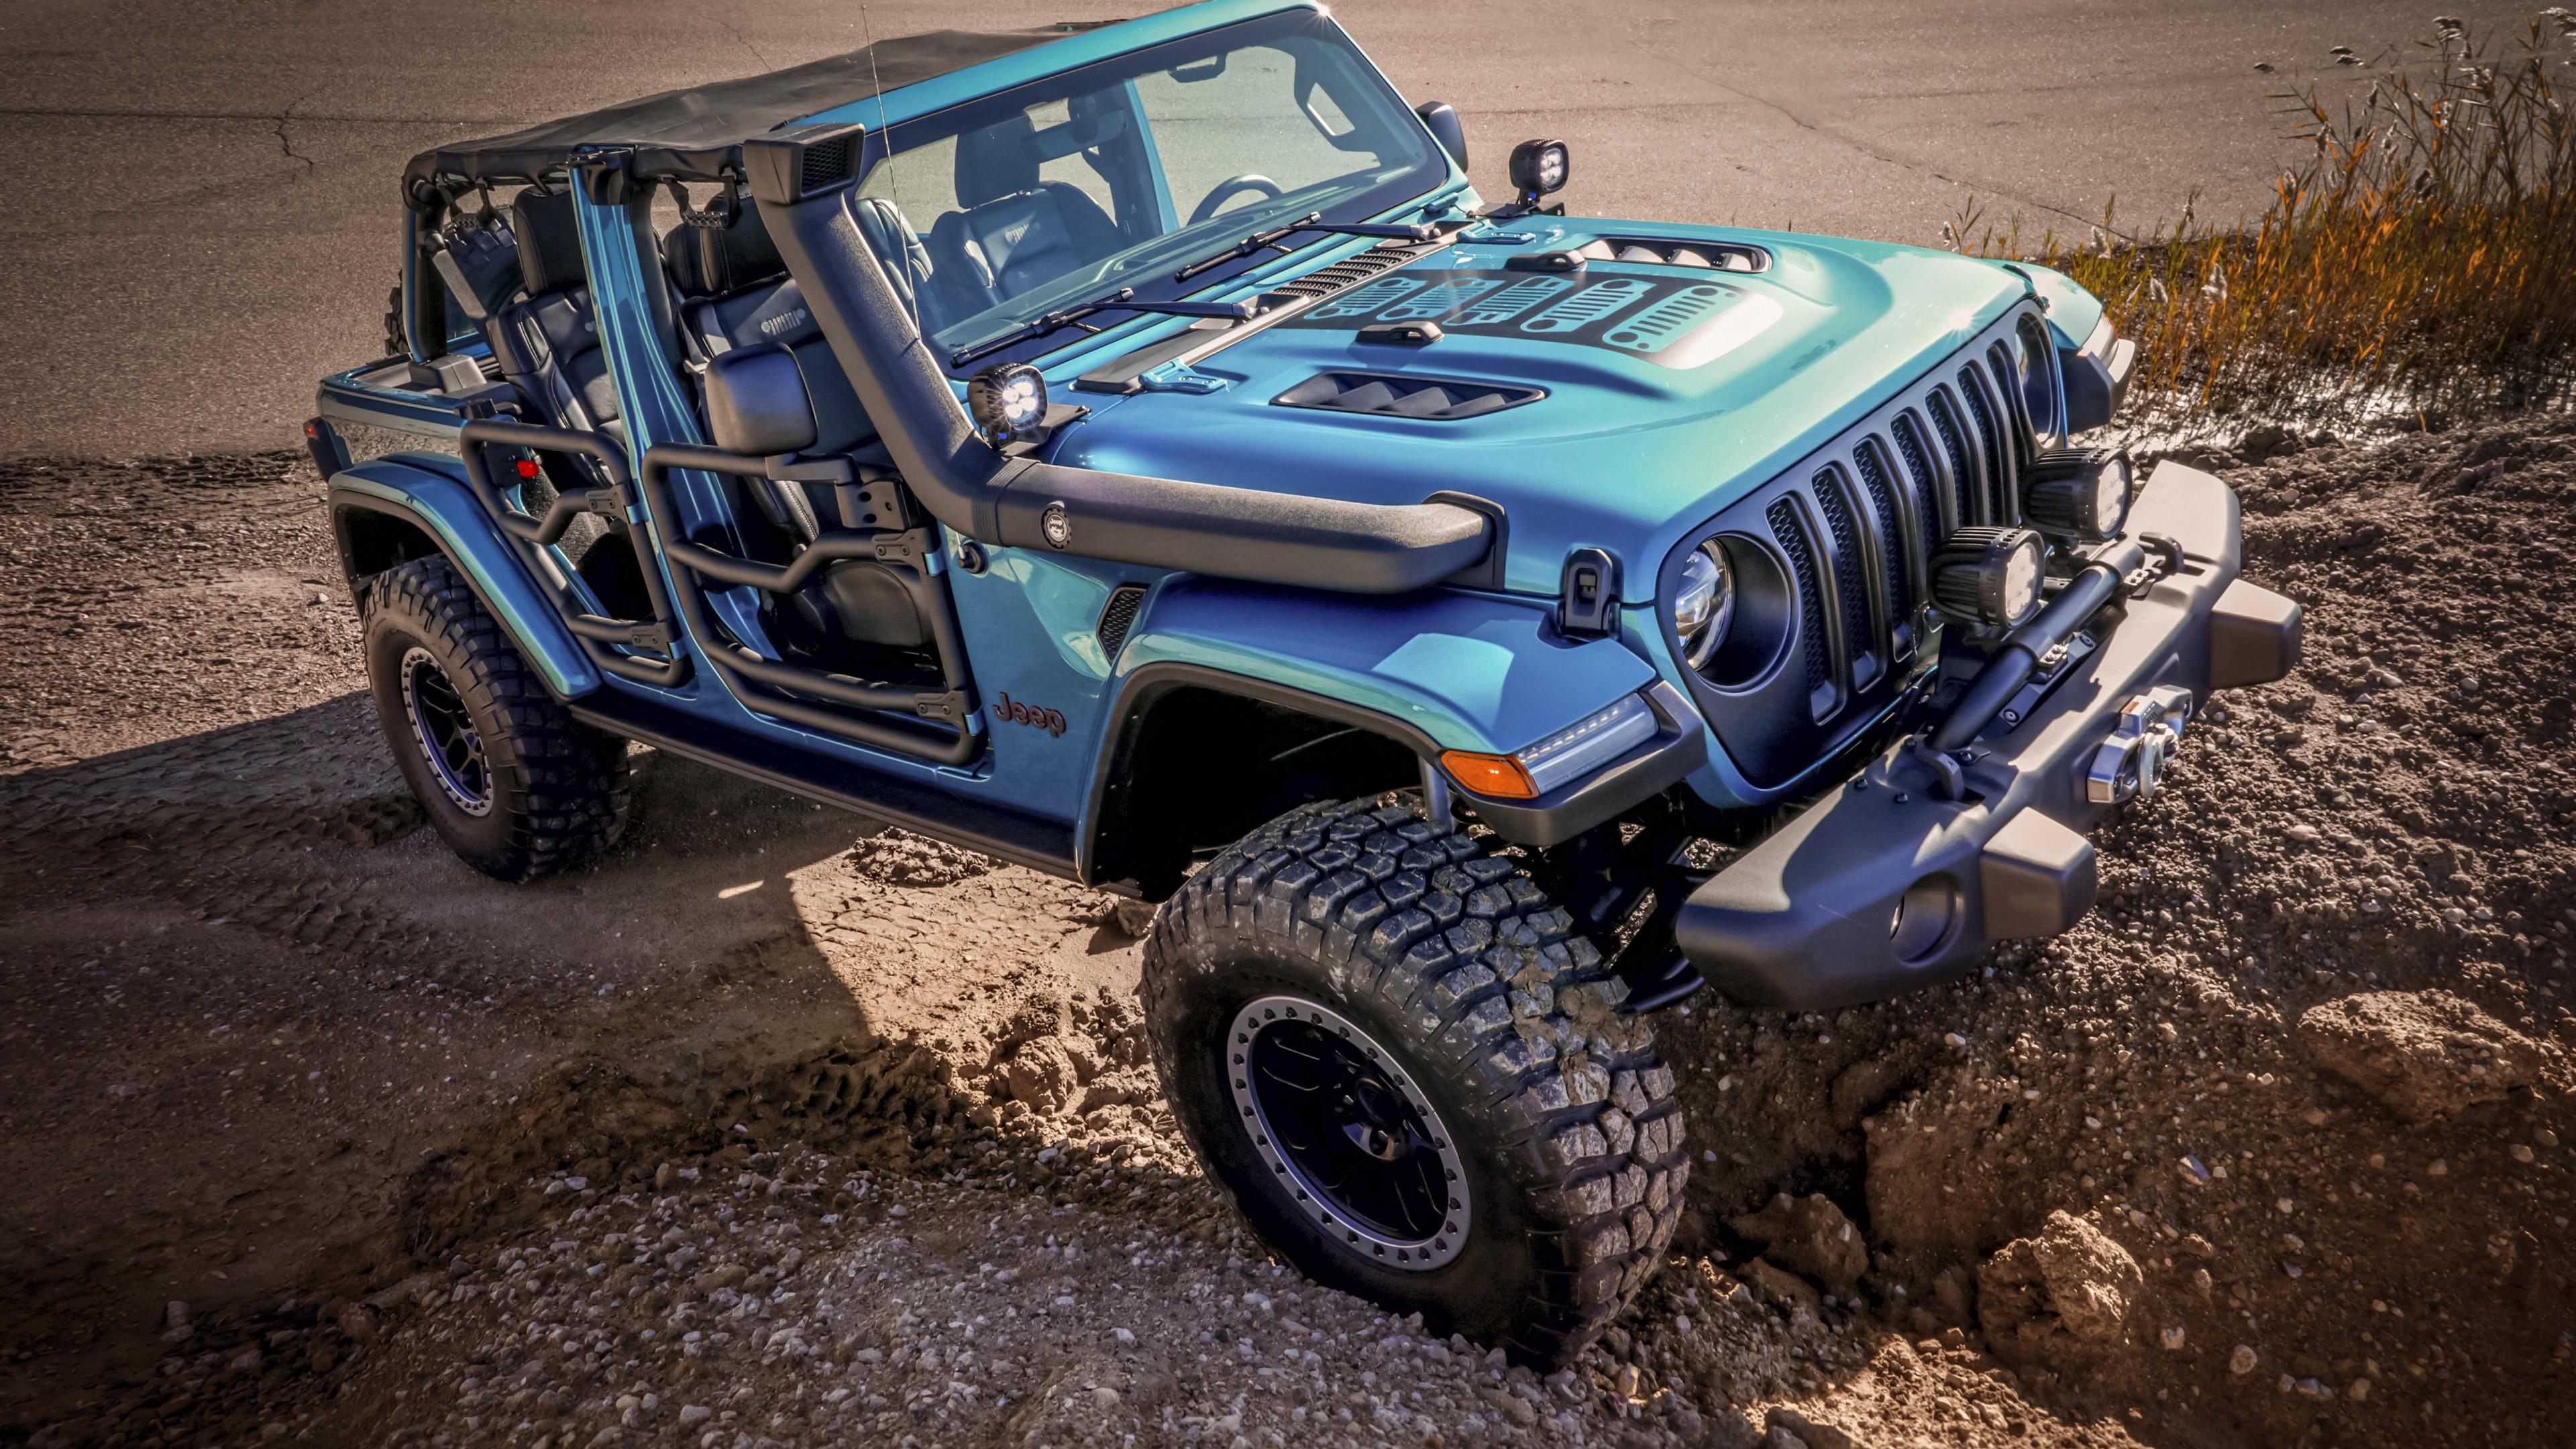 Jeep Wrangler Rubicon By Mopar 2019 5k Wallpaper Hd Car Wallpapers Id 13539